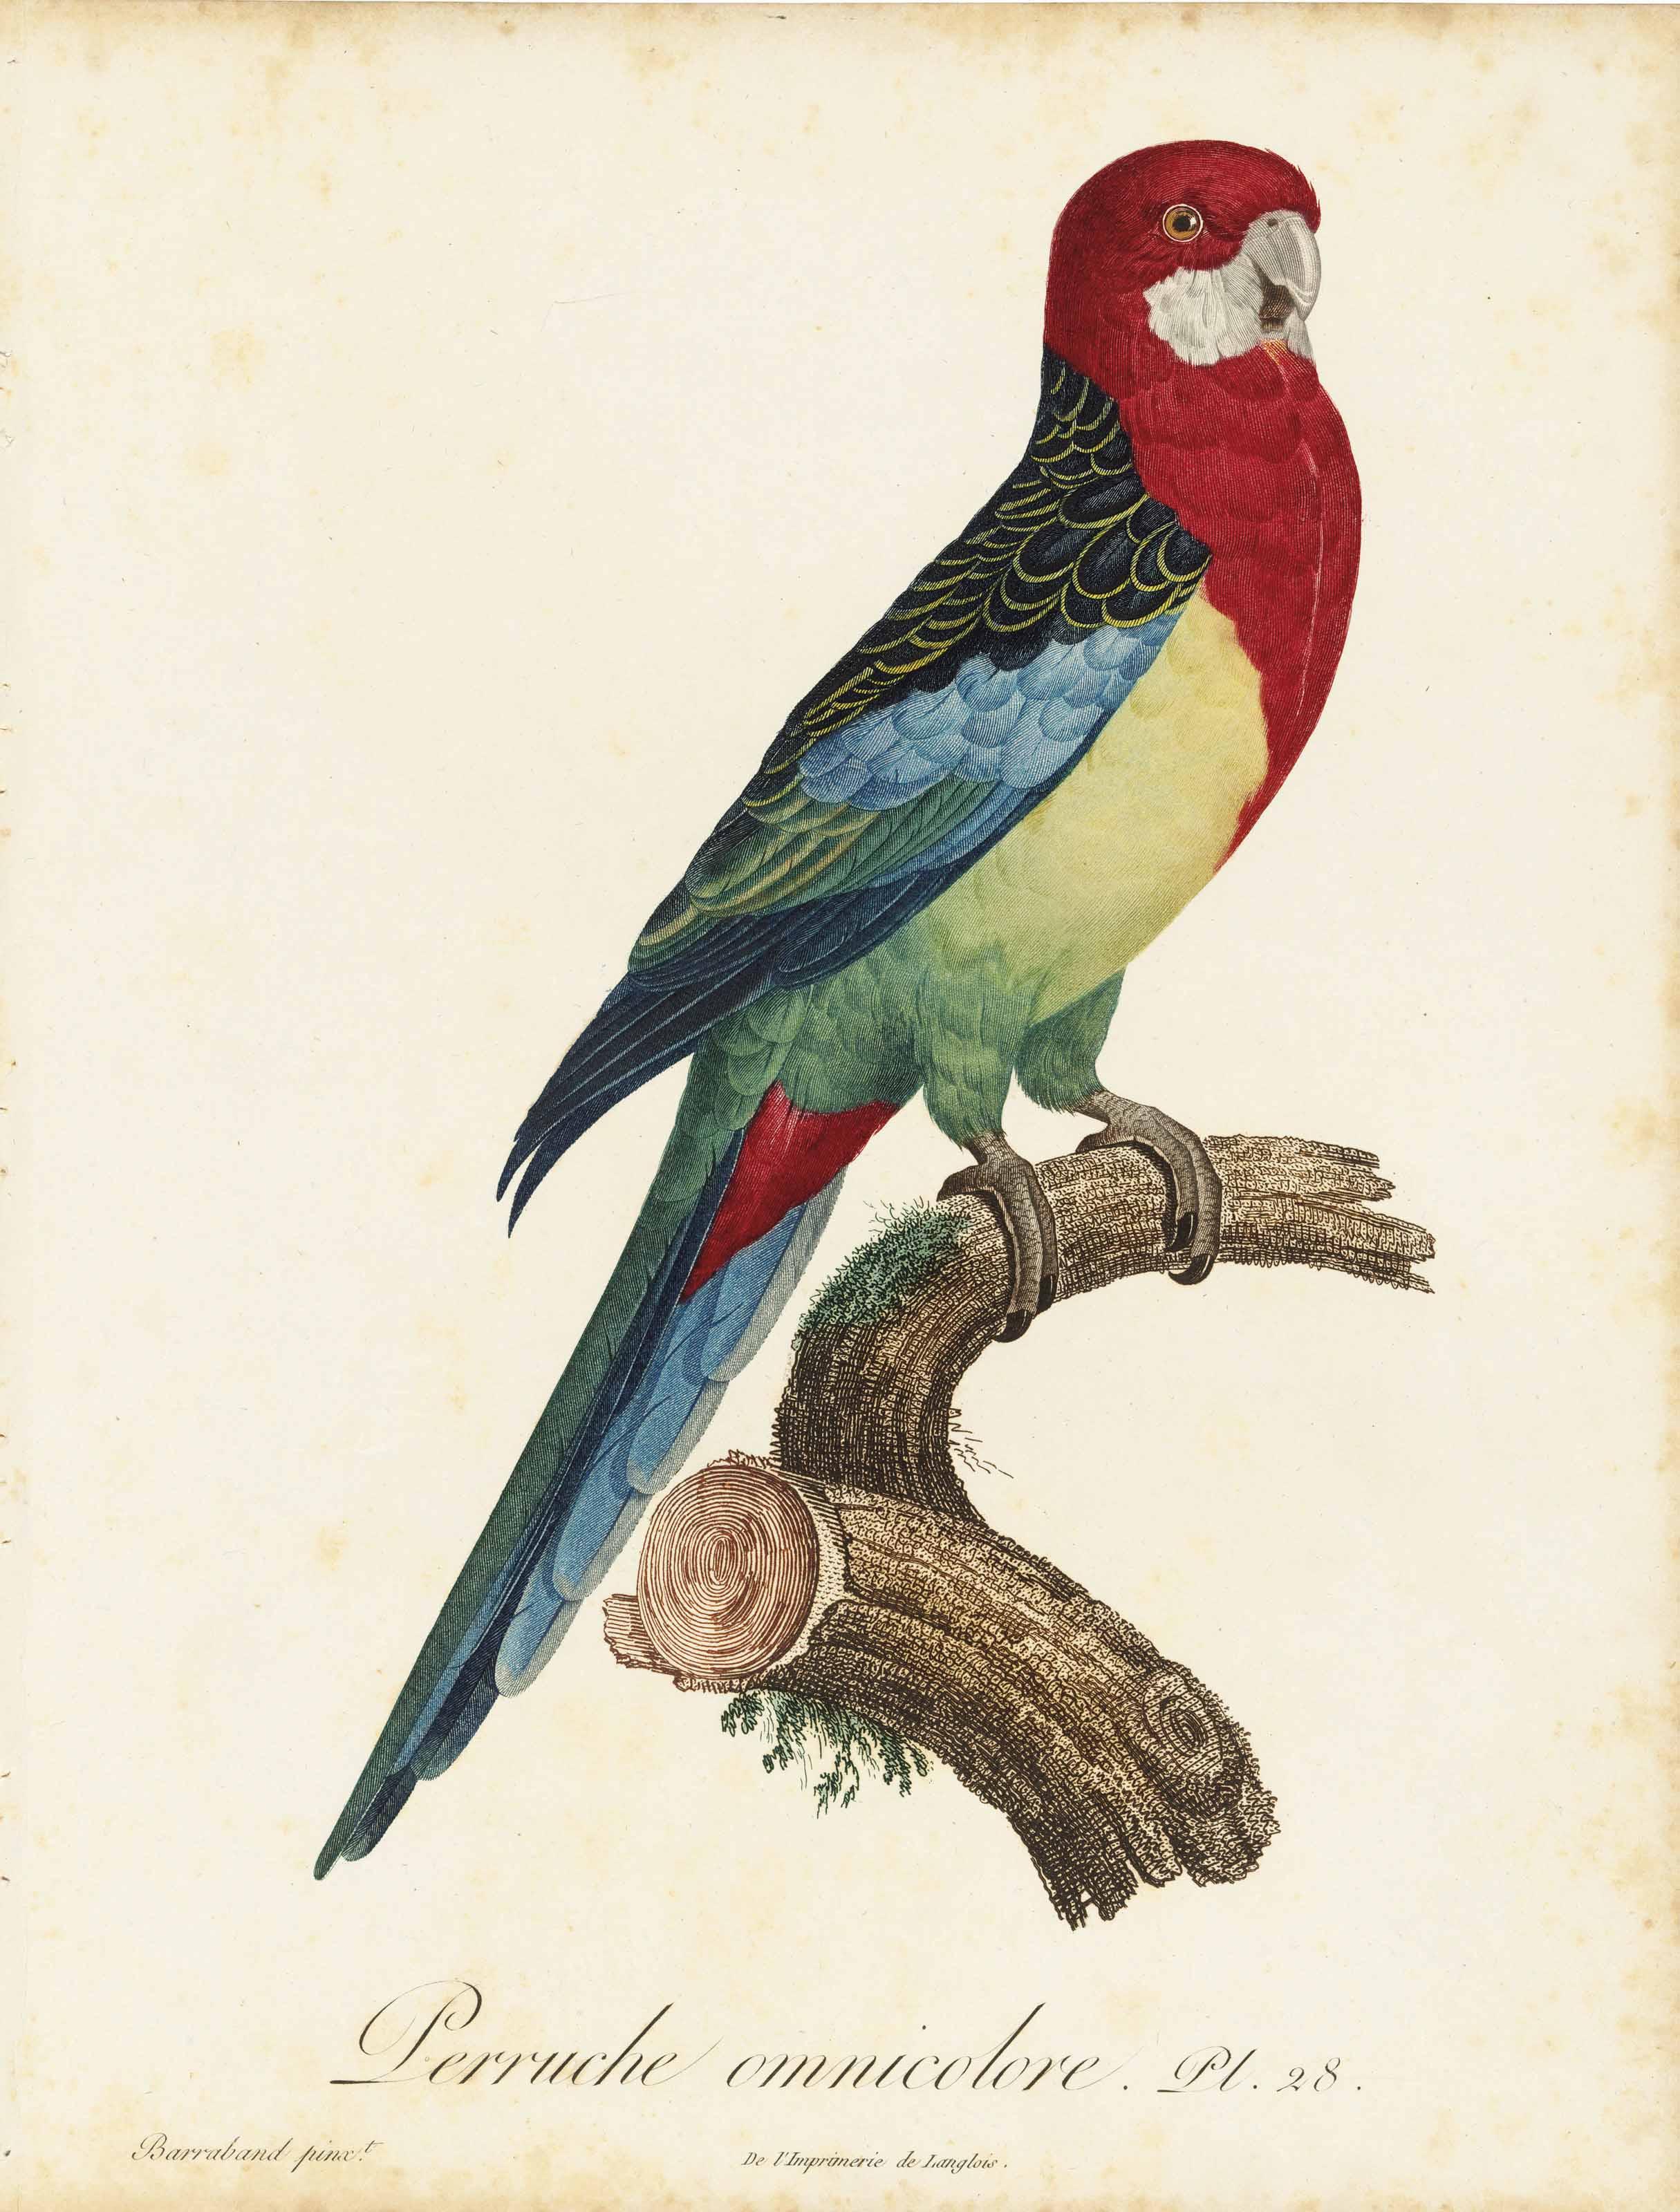 LEVAILLANT, François (1753-1824). Histoire naturelle des perroquets. Paris: Levrault frères and Levrault, Schoell & Co., 1801-1805.